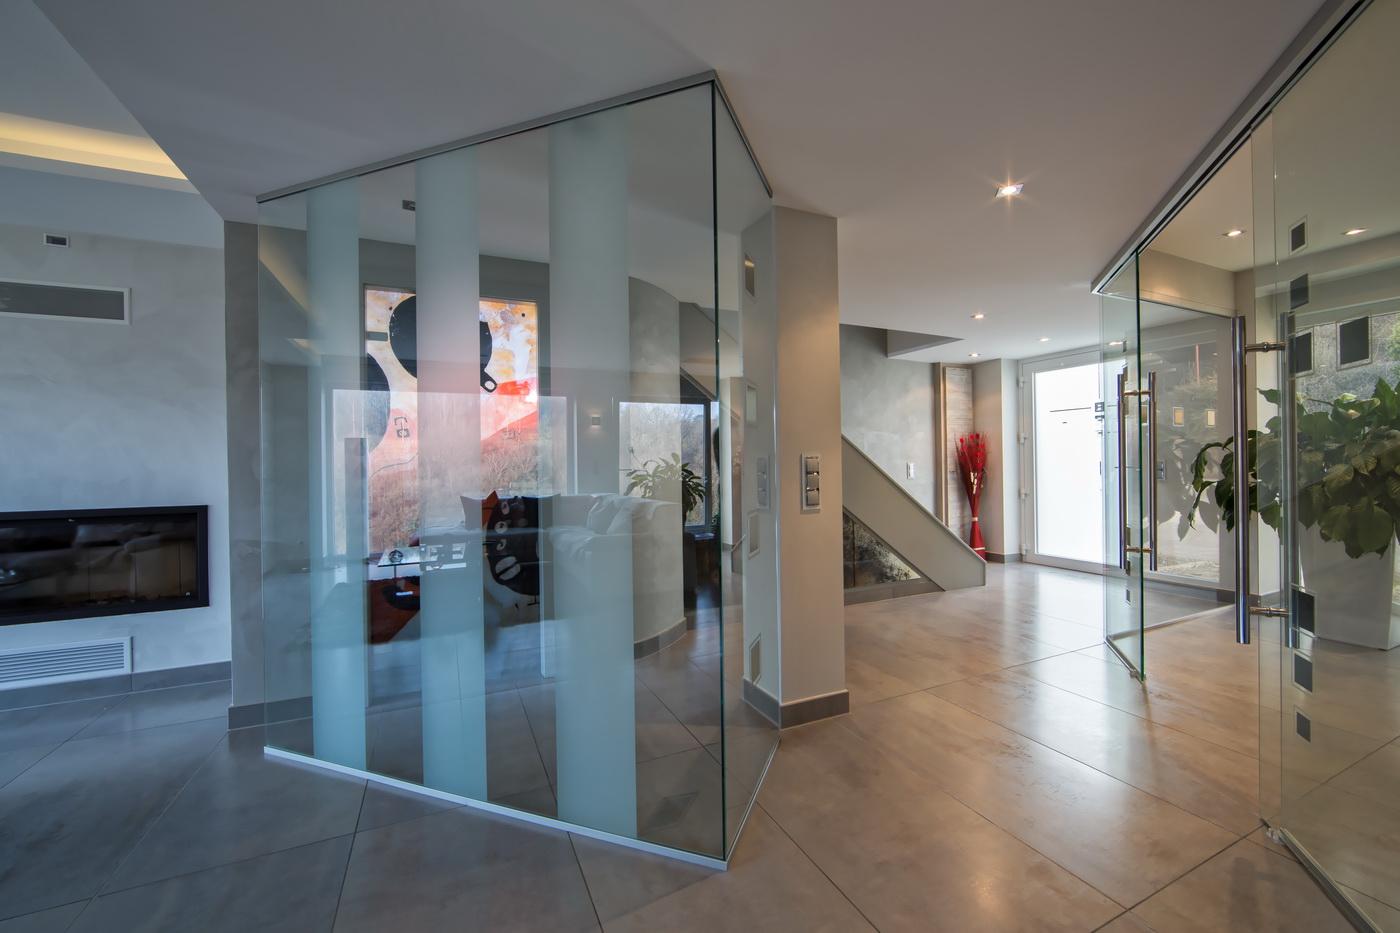 photographe interieur et deco lorraine alsace luxembourg photographe pro design interieur photographie darchitecture interieur